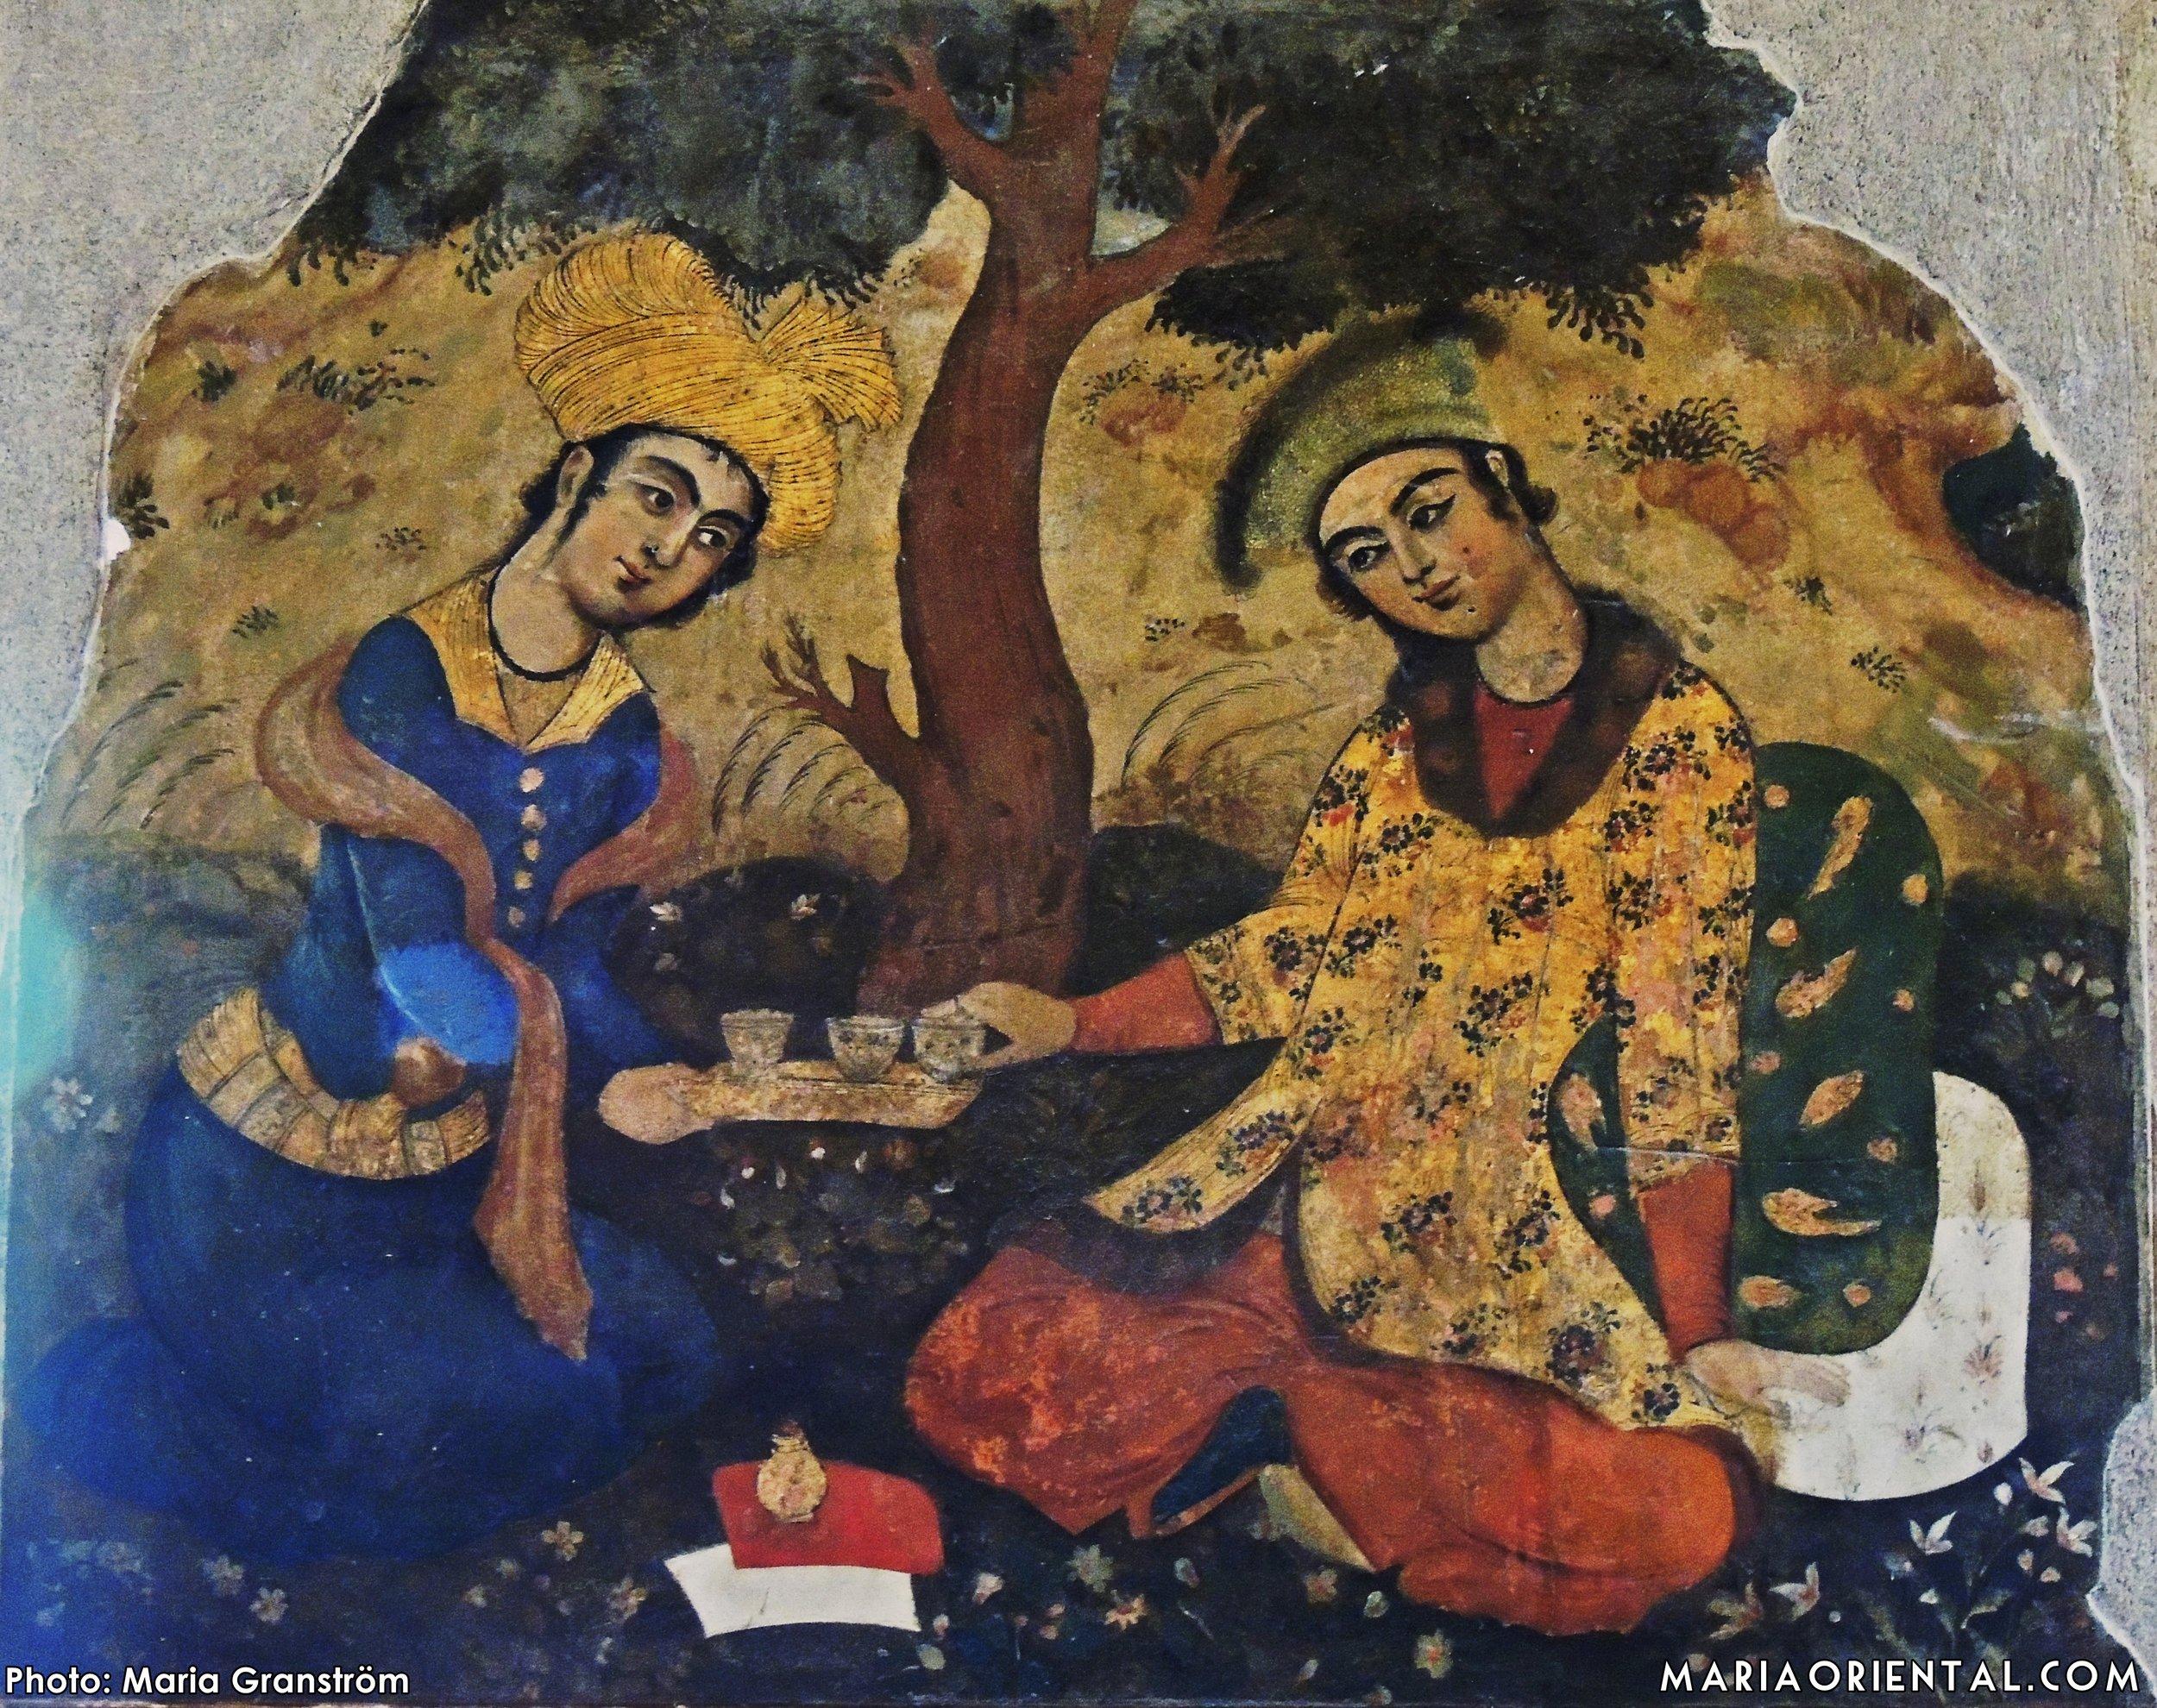 Mindre målning, gissningsvis tepaus i skuggan av ett träd.